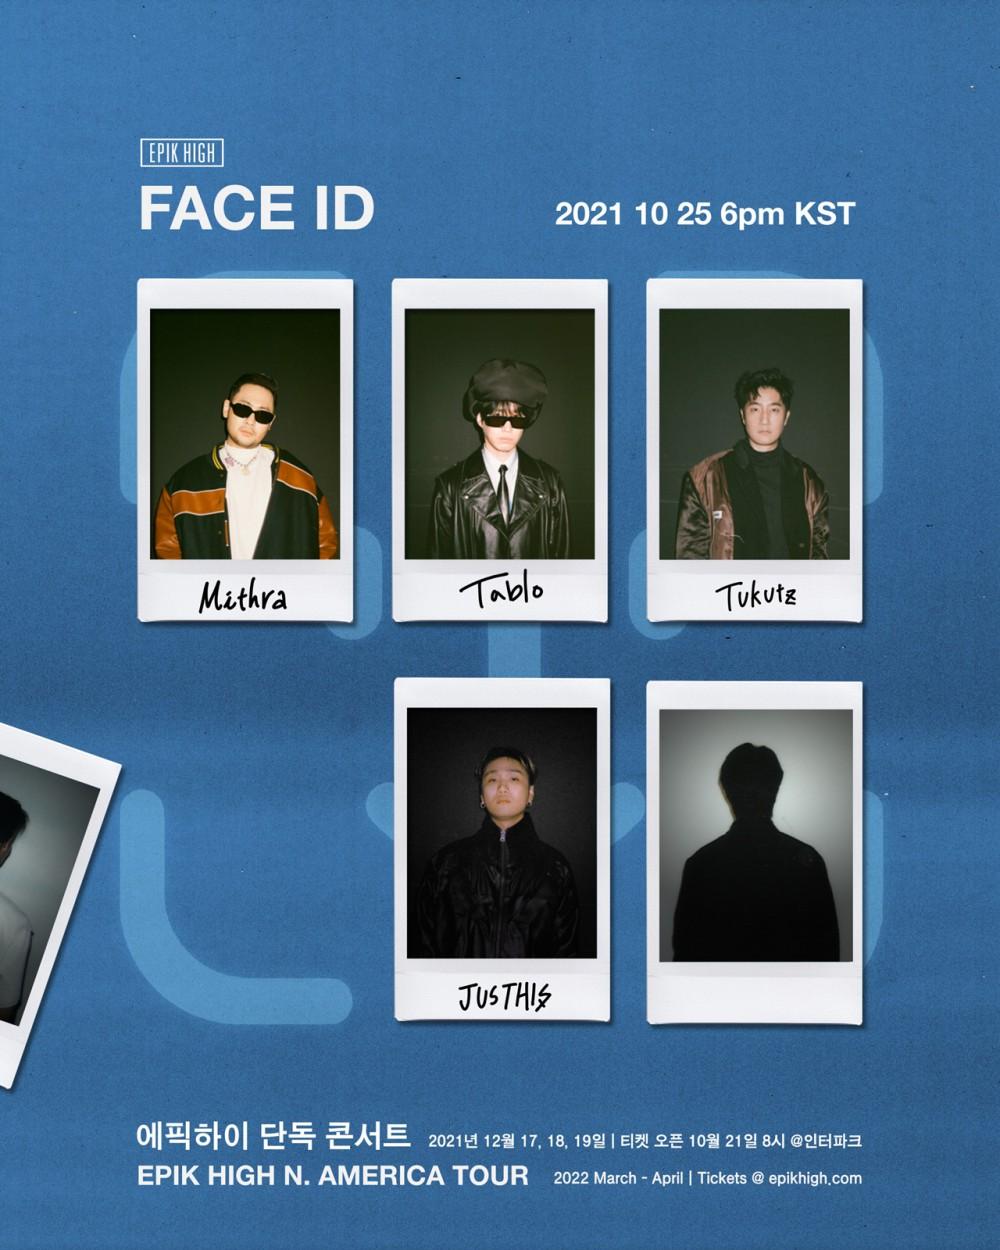 '25일 발매' 에픽하이, 'FACE ID' 첫 번째 피처링 주인공 공개…저스디스와 첫...